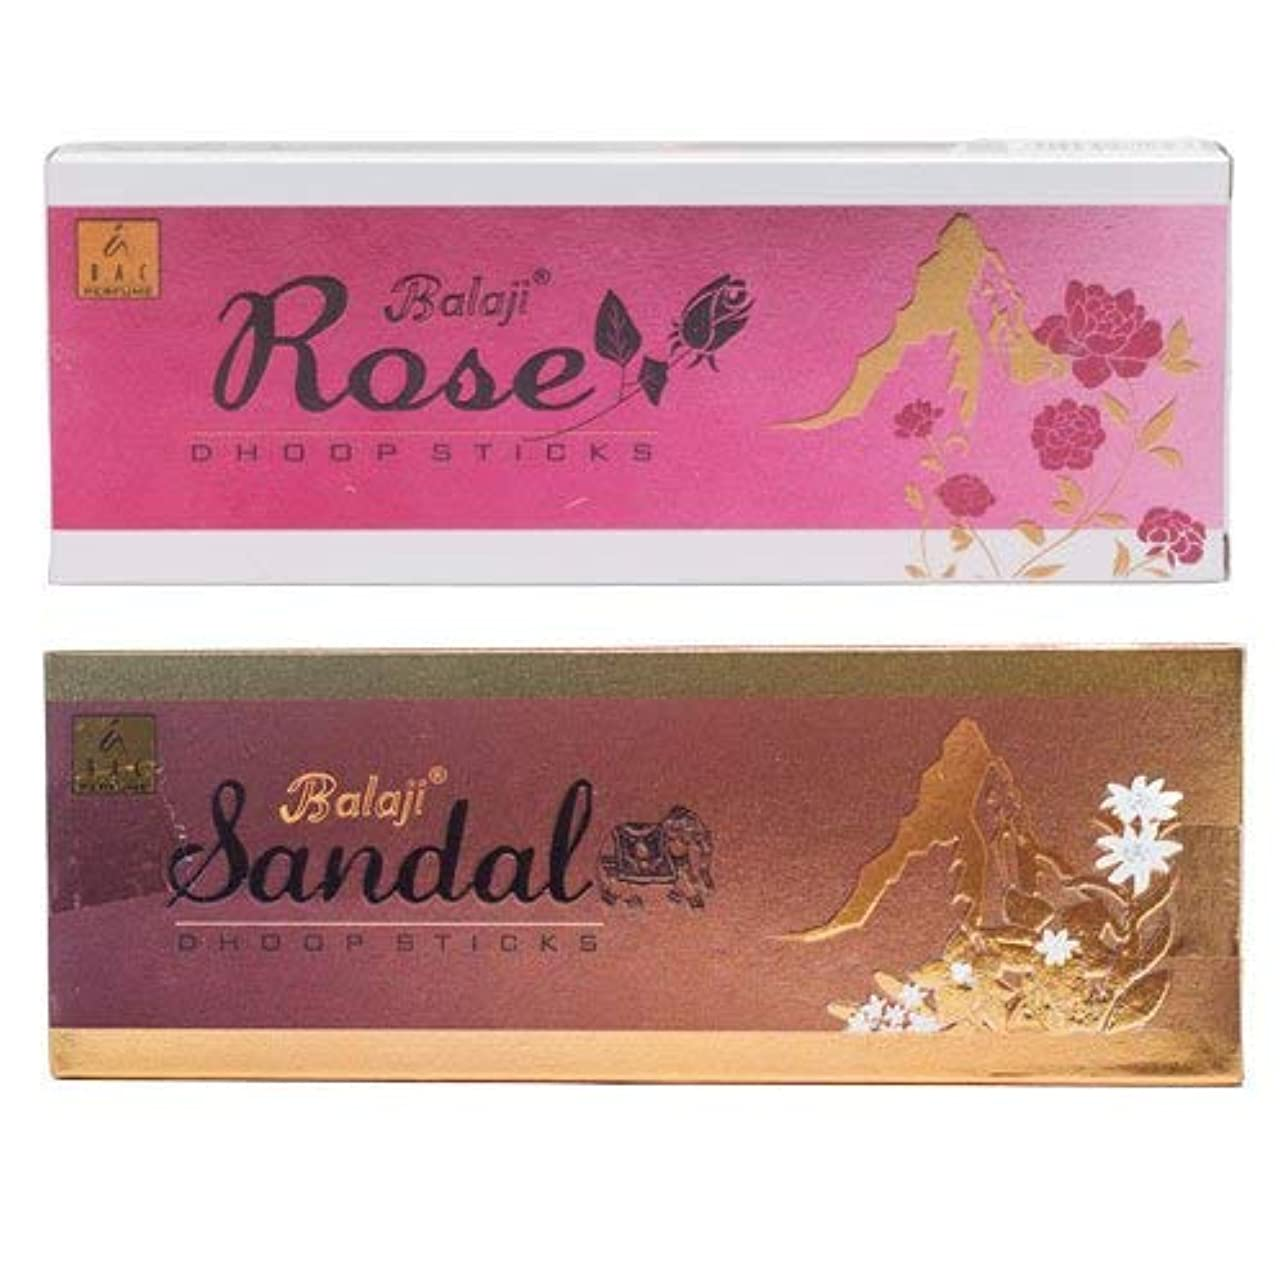 モッキンバード意志セレナBAC Perfume Balaji Dhoop - Rose and Sandal